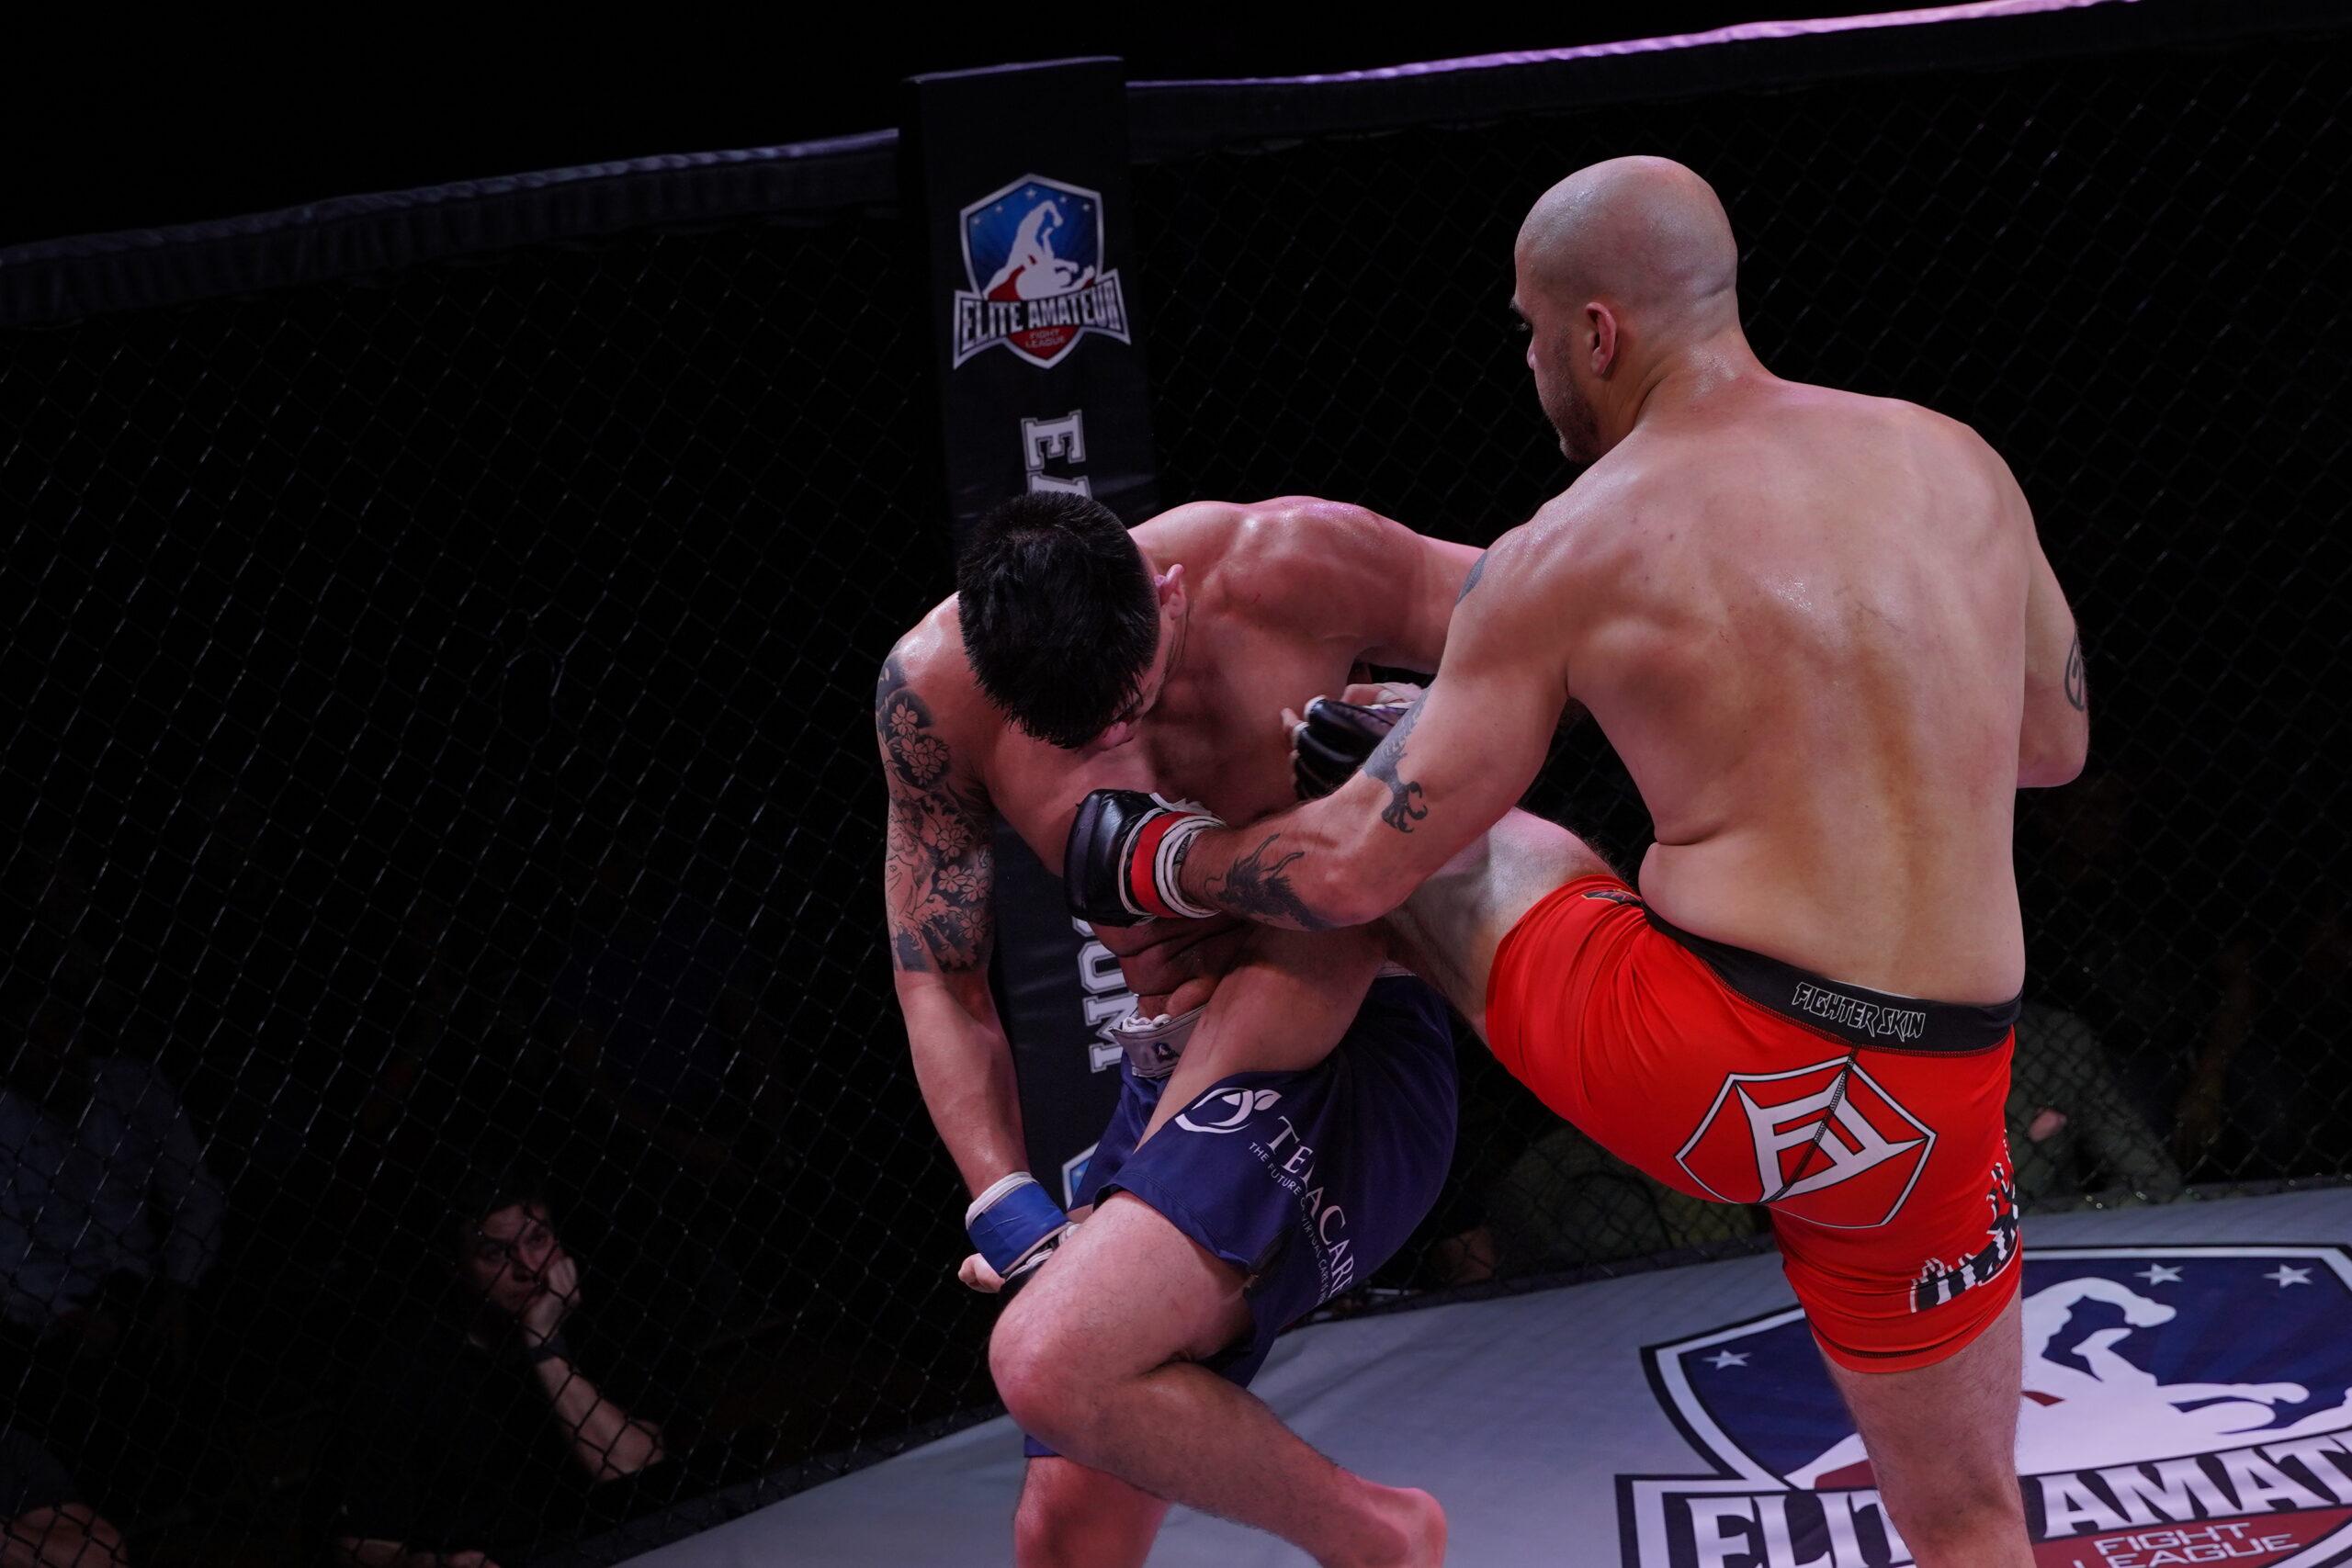 Scott vs Crider kick jam